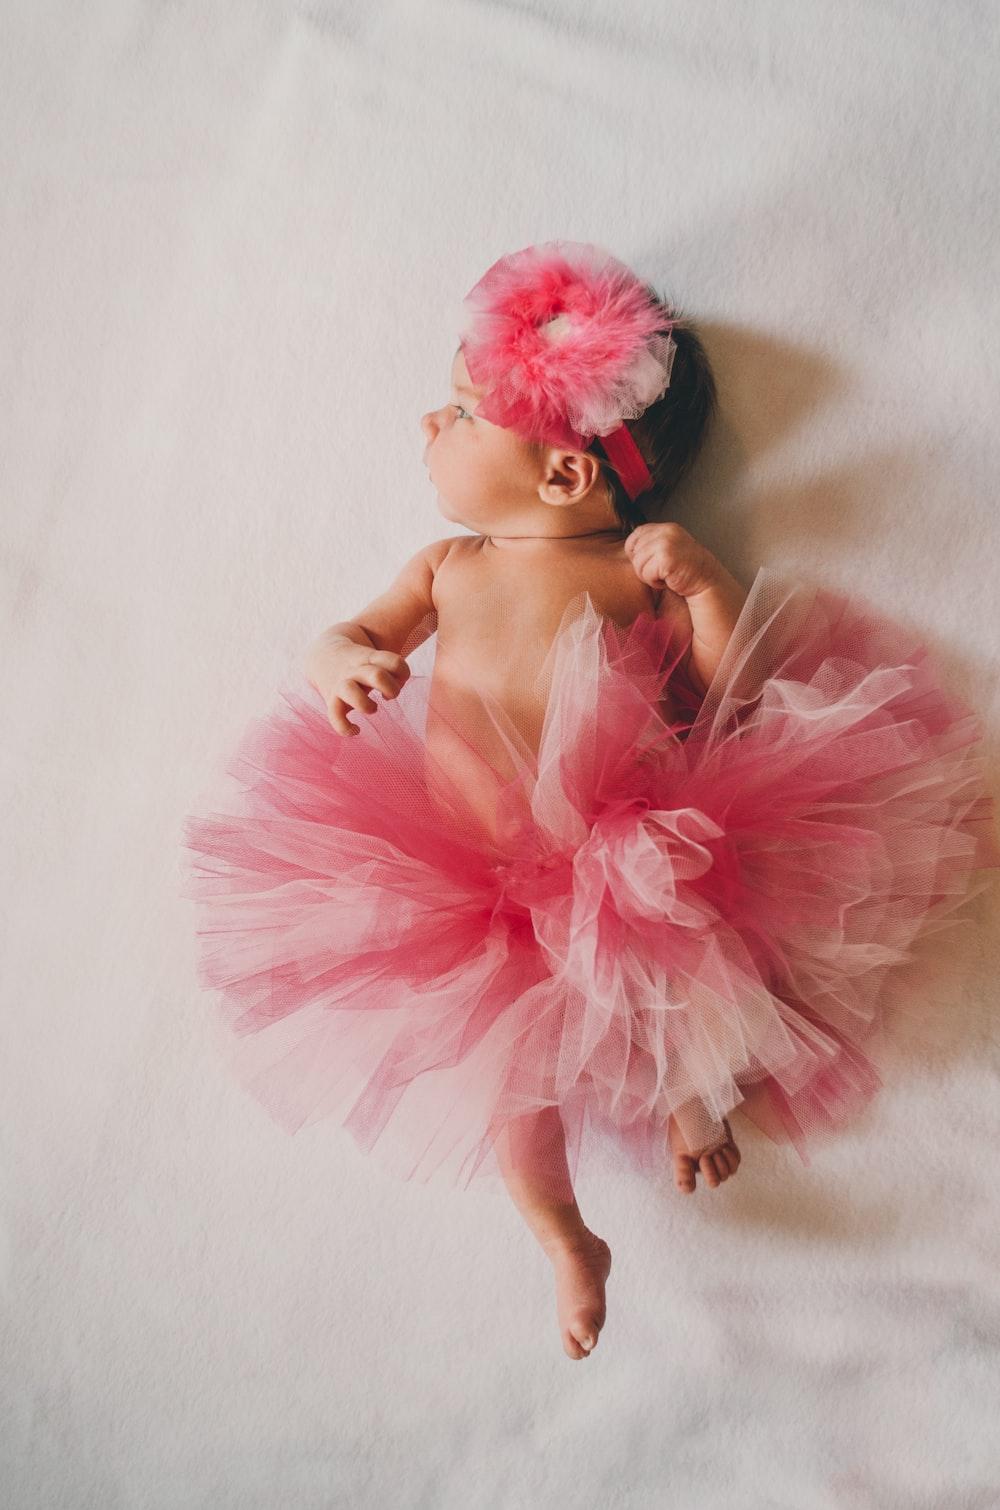 baby wearing pink tutu dress